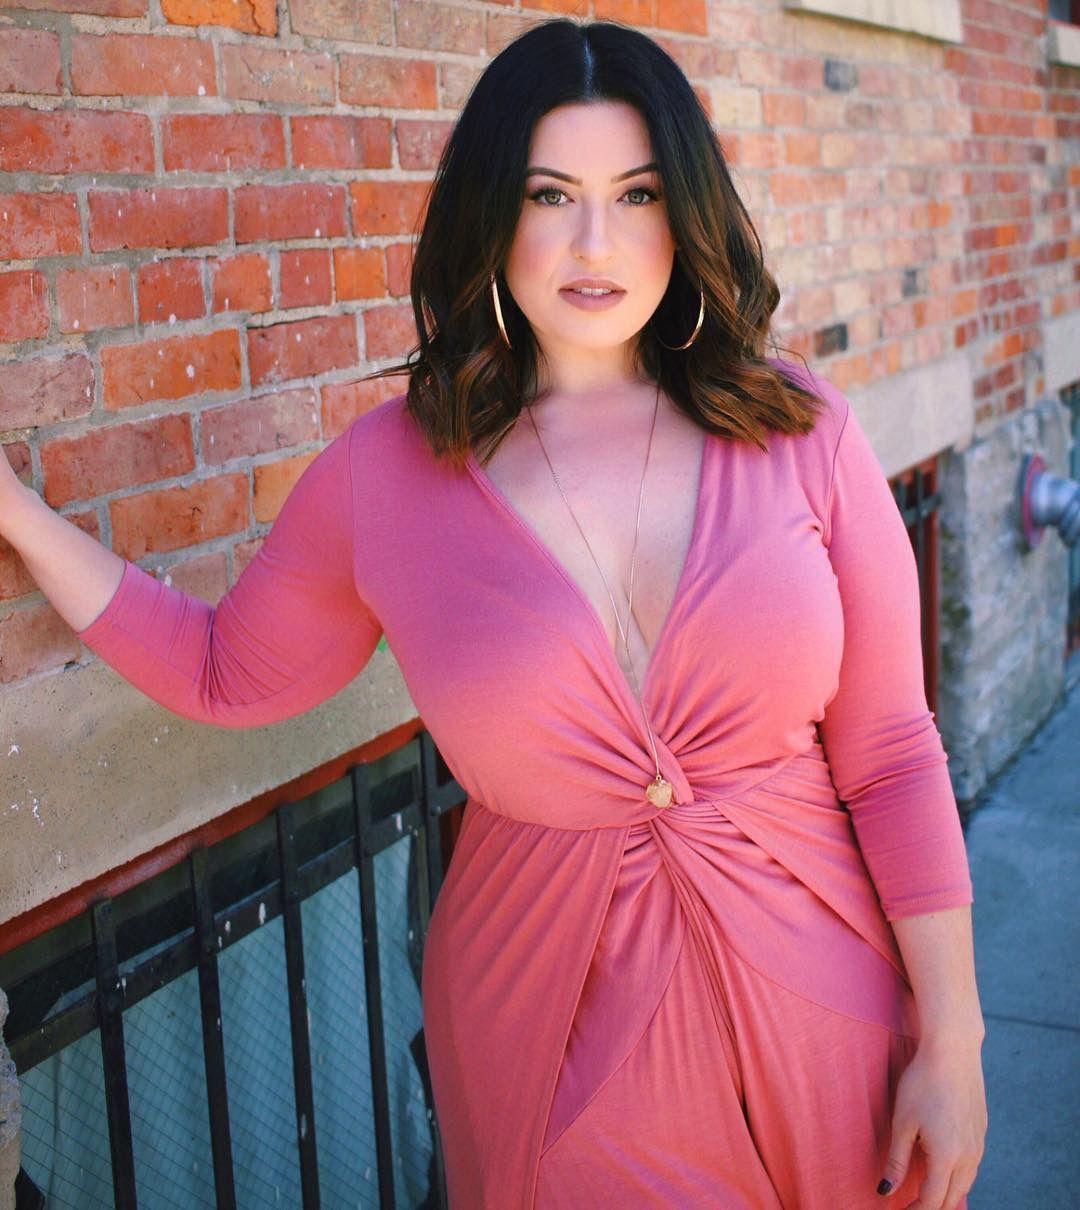 Pin de HD en My Kinda Woman   Pinterest   Vestidos cortos, Geometría ...